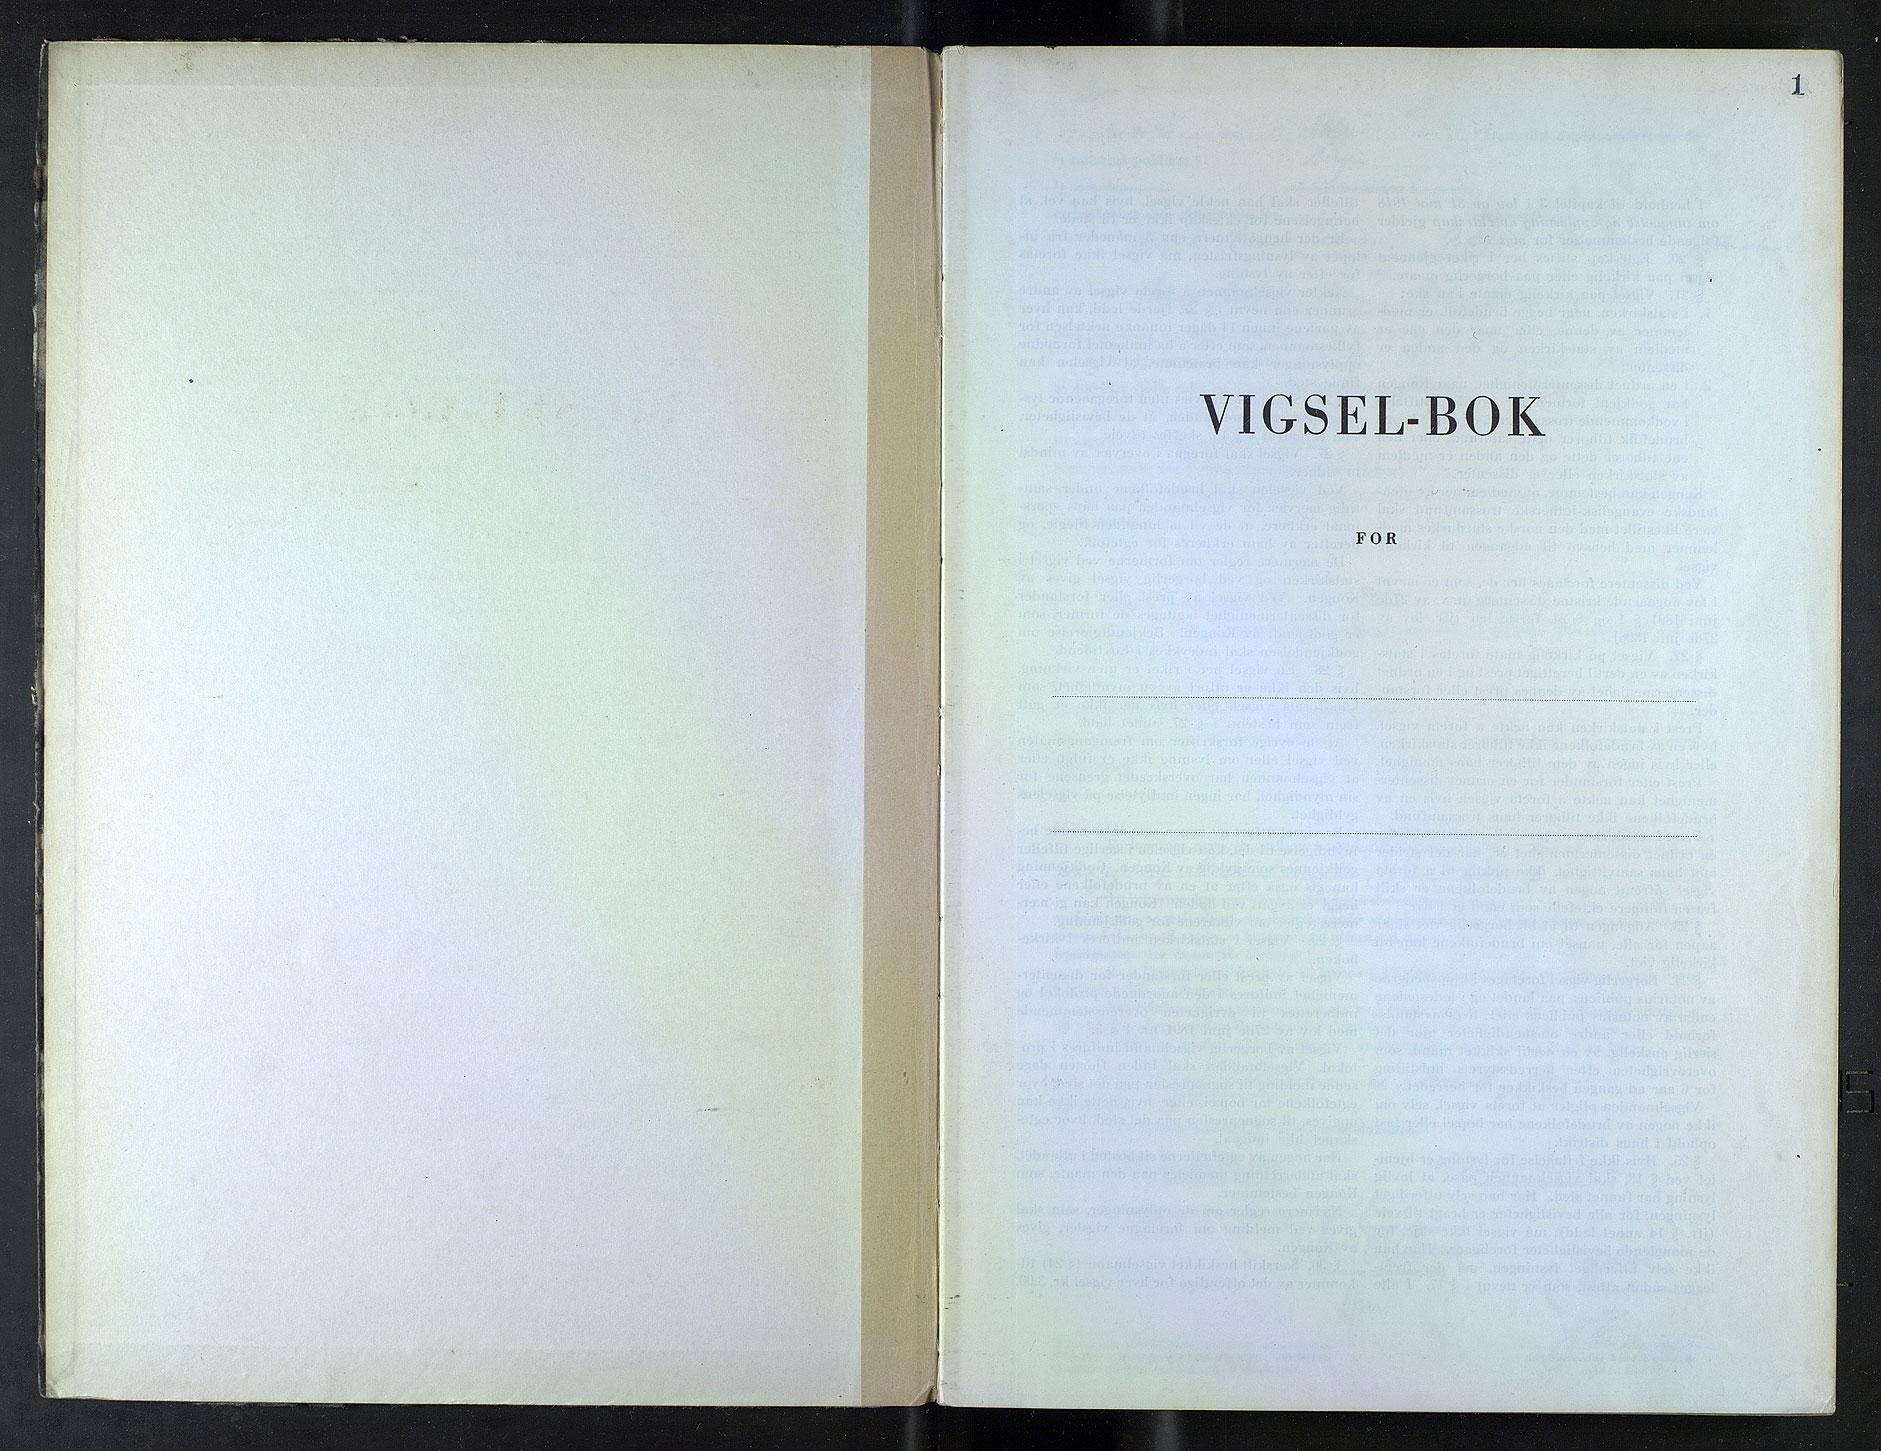 SAB, Bergen byfogd og byskriver*, 1945-1946, s. 1